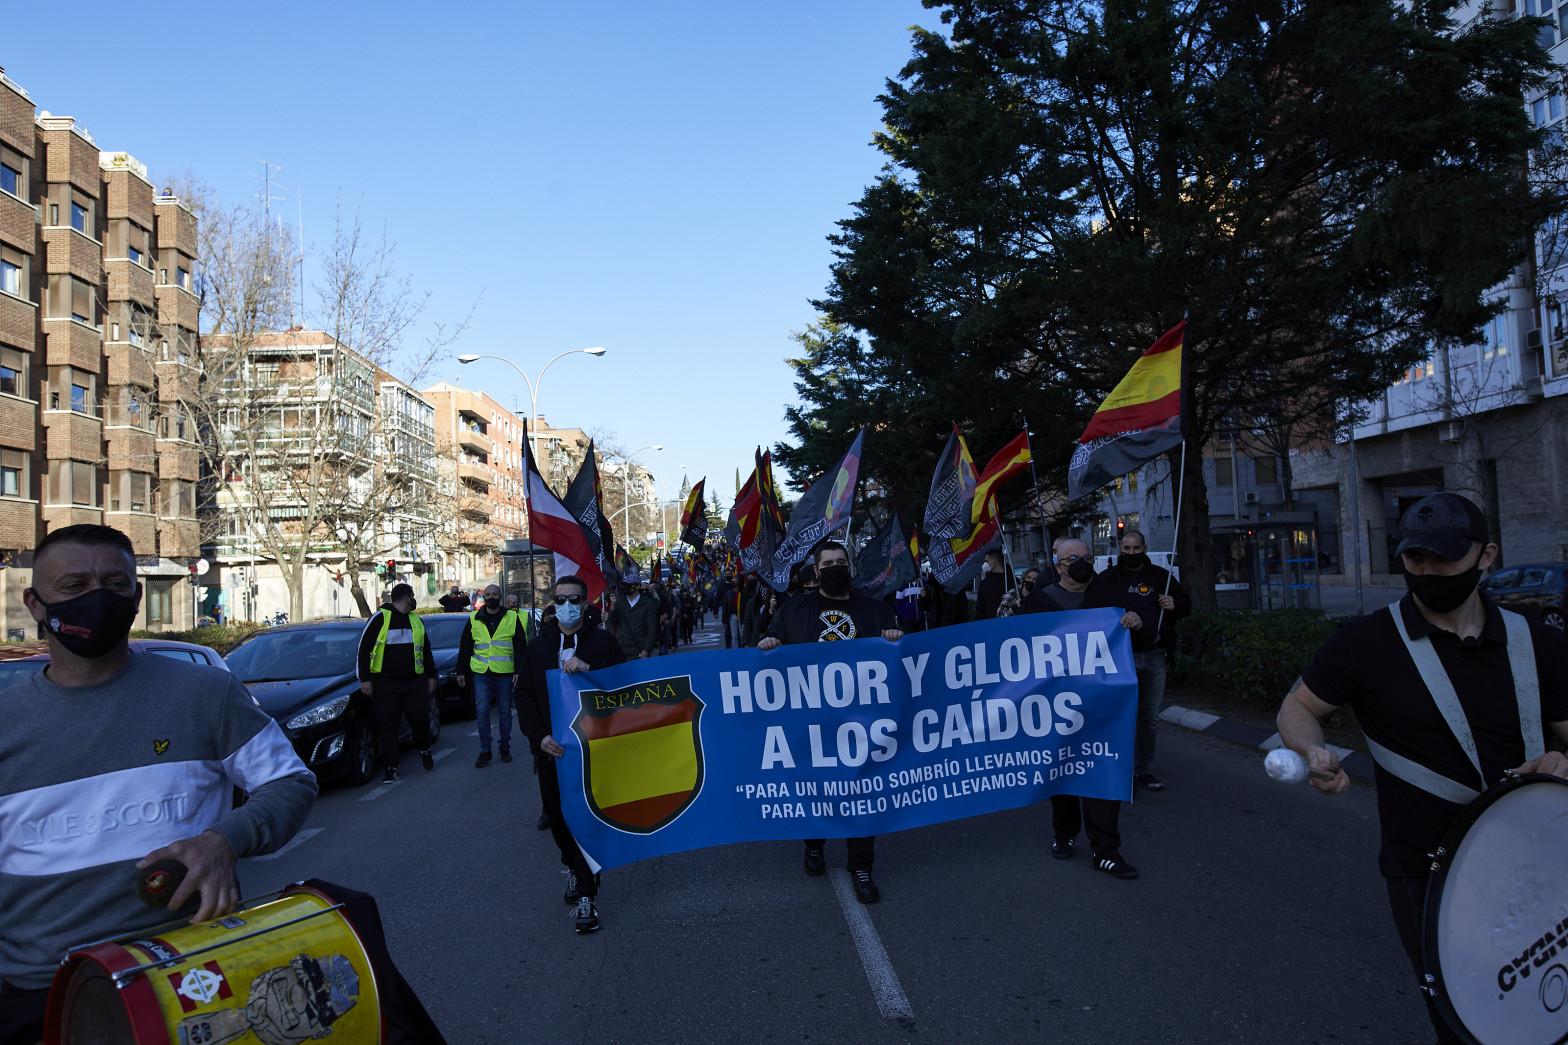 La Comunidad de Madrid insta a la Fiscalía a investigar una manifestación en la que se produjeron gritos antisemitas